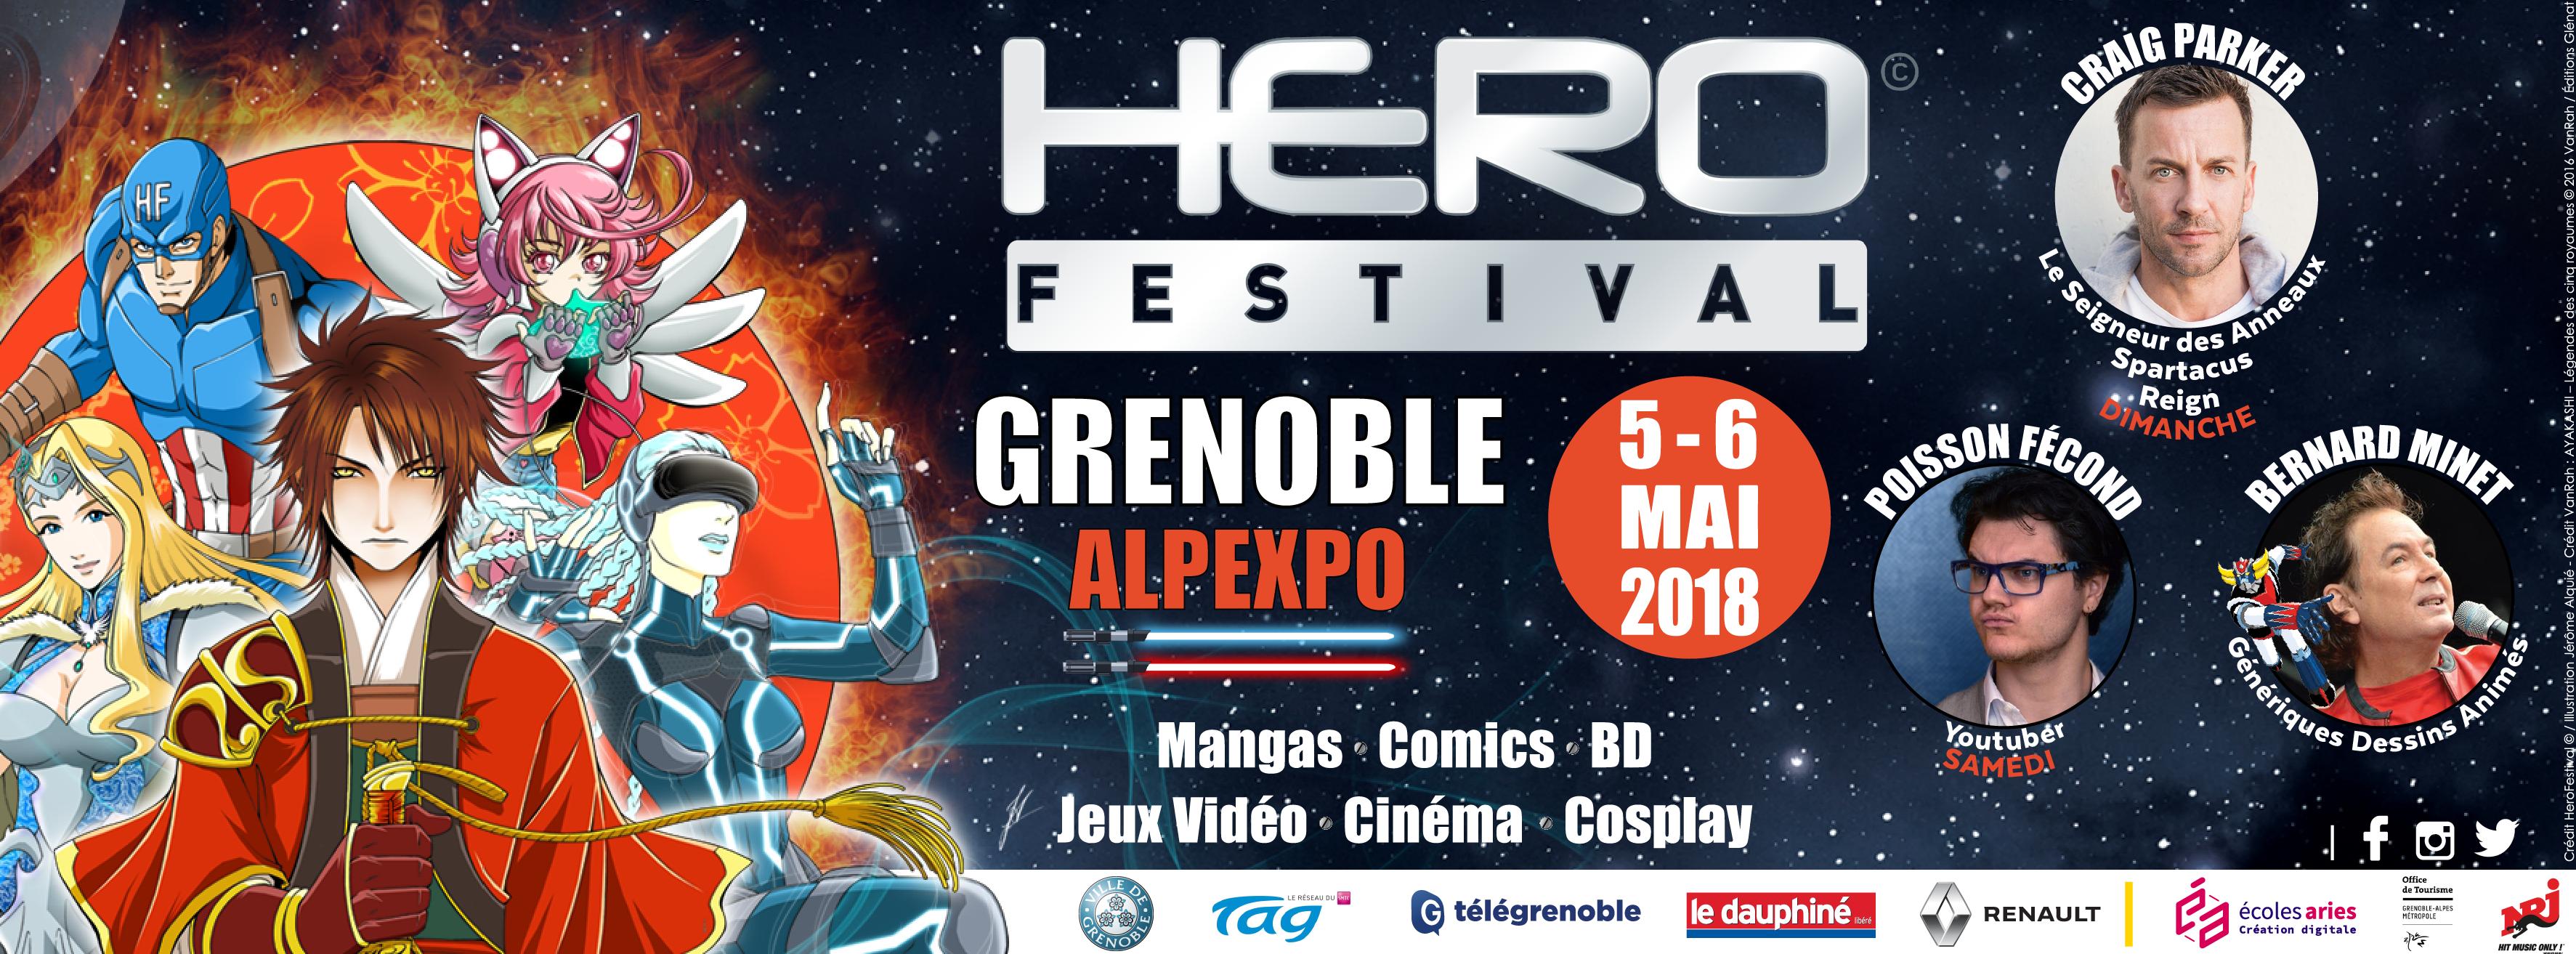 Hero Festival à Grenoble  15248535542007115855